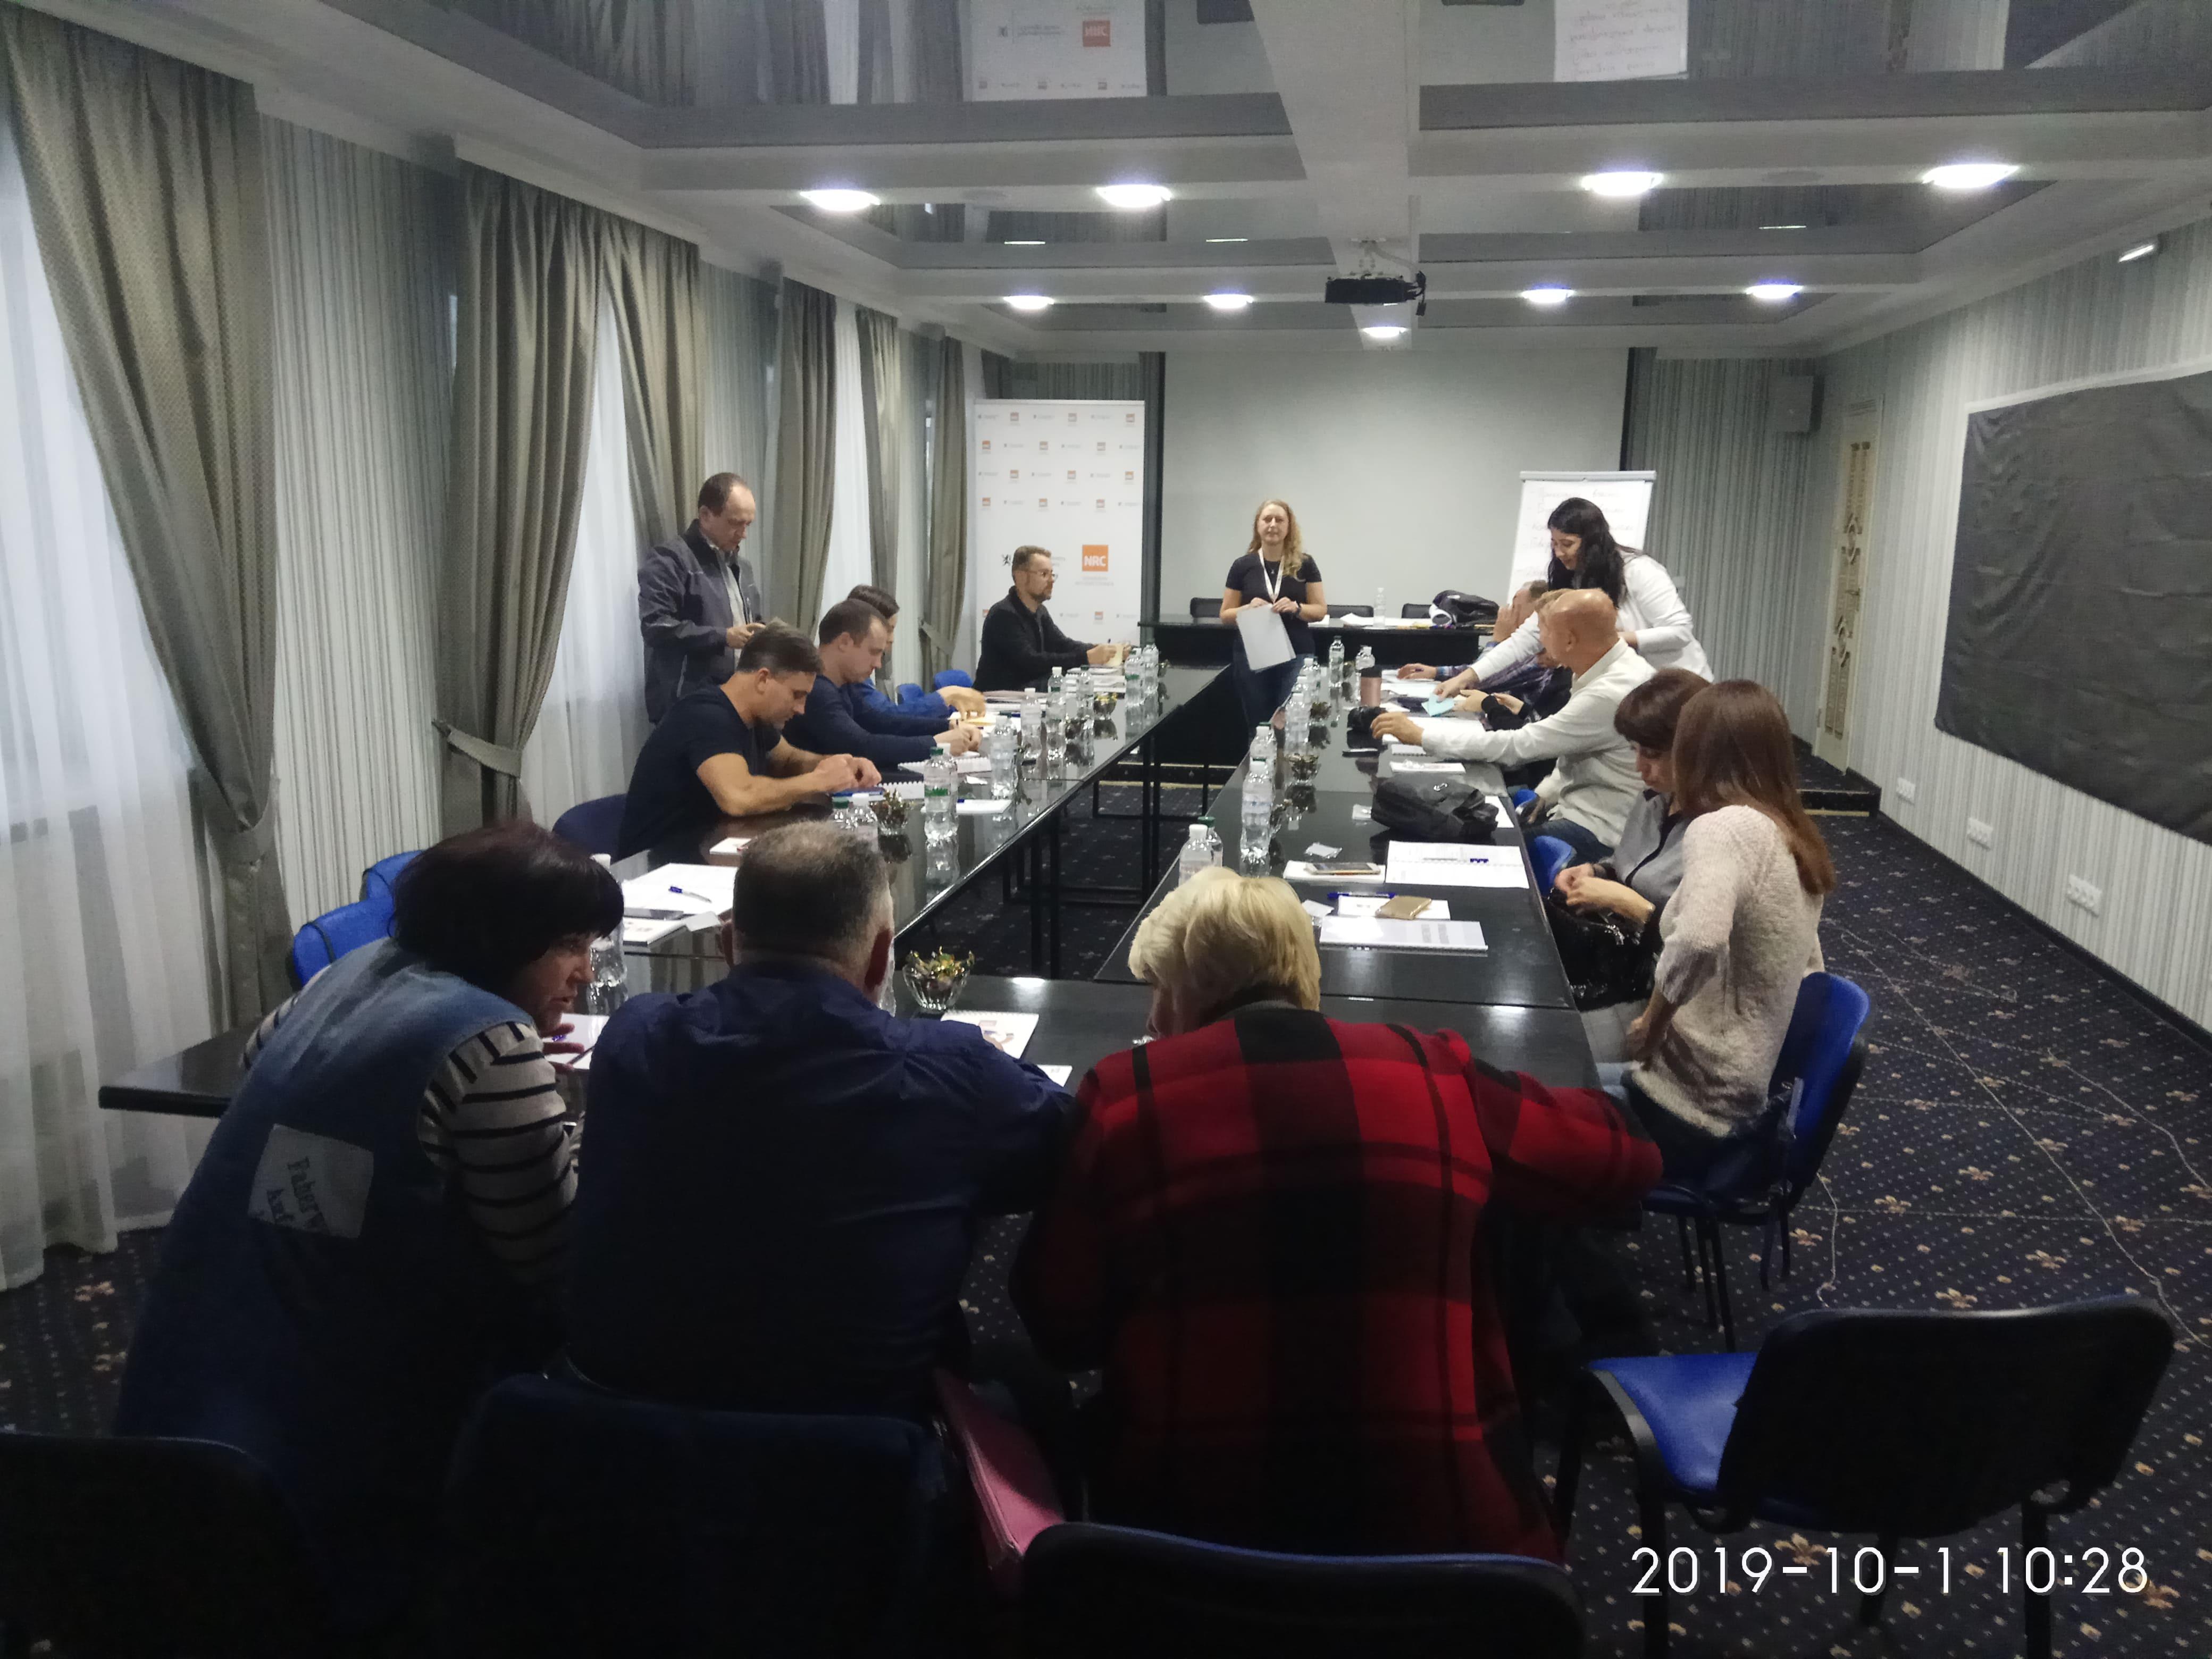 Спеціалісти департаменту взяли участь у тренінгу «Маркетинг в кооперативах»